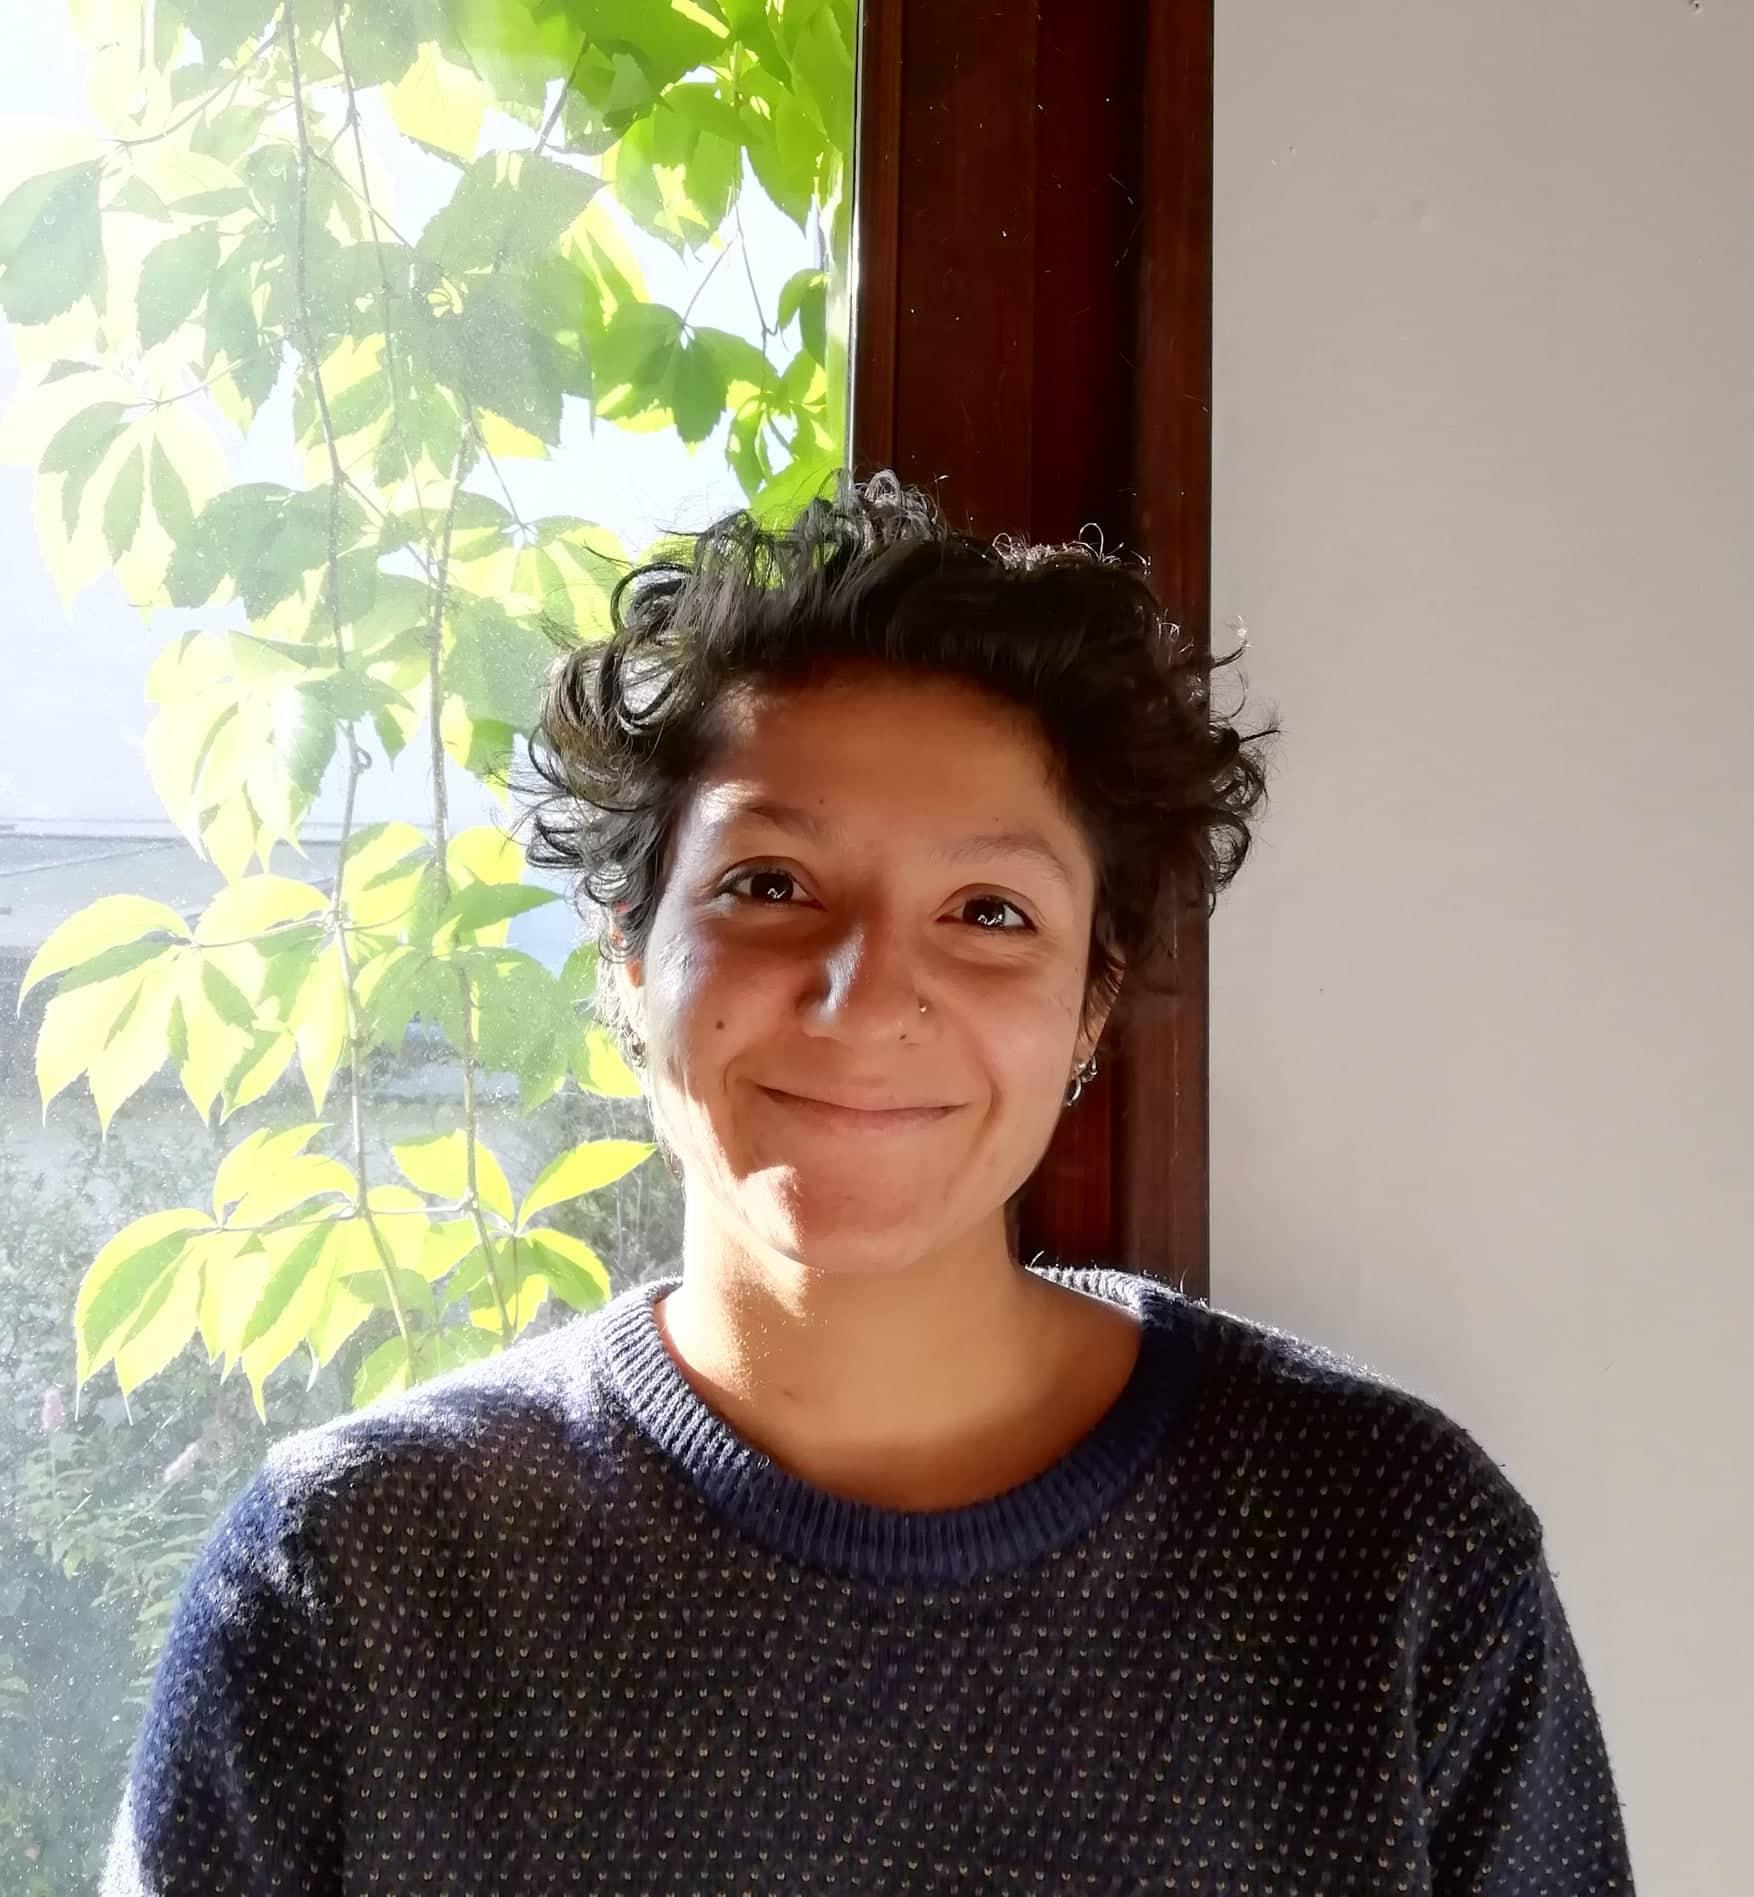 Laura Schmitz